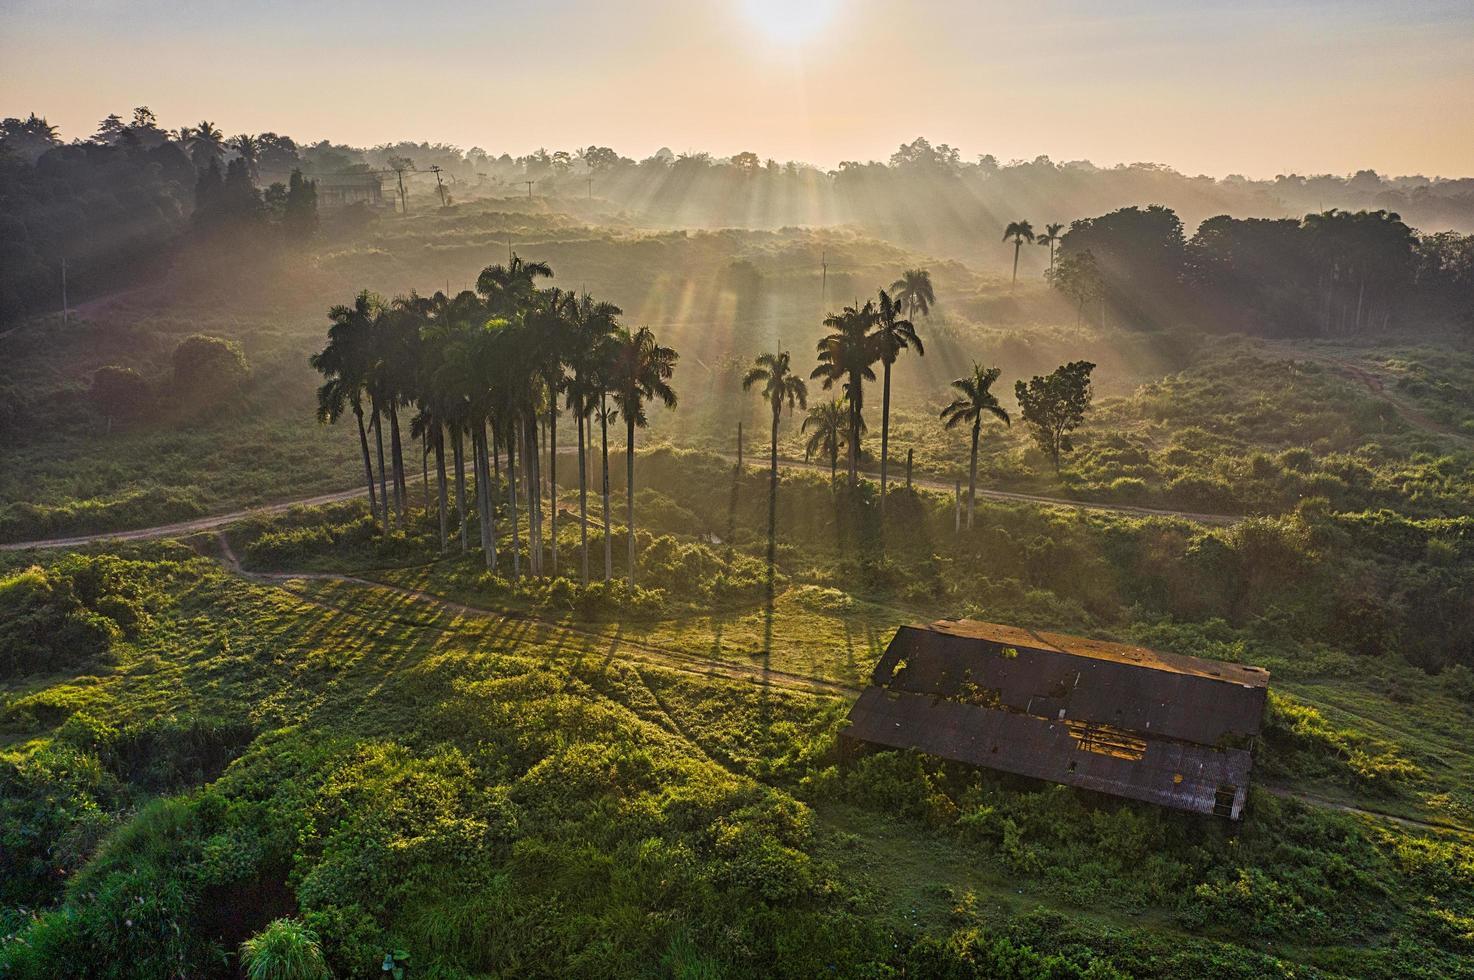 vue aérienne du village en Indonésie photo